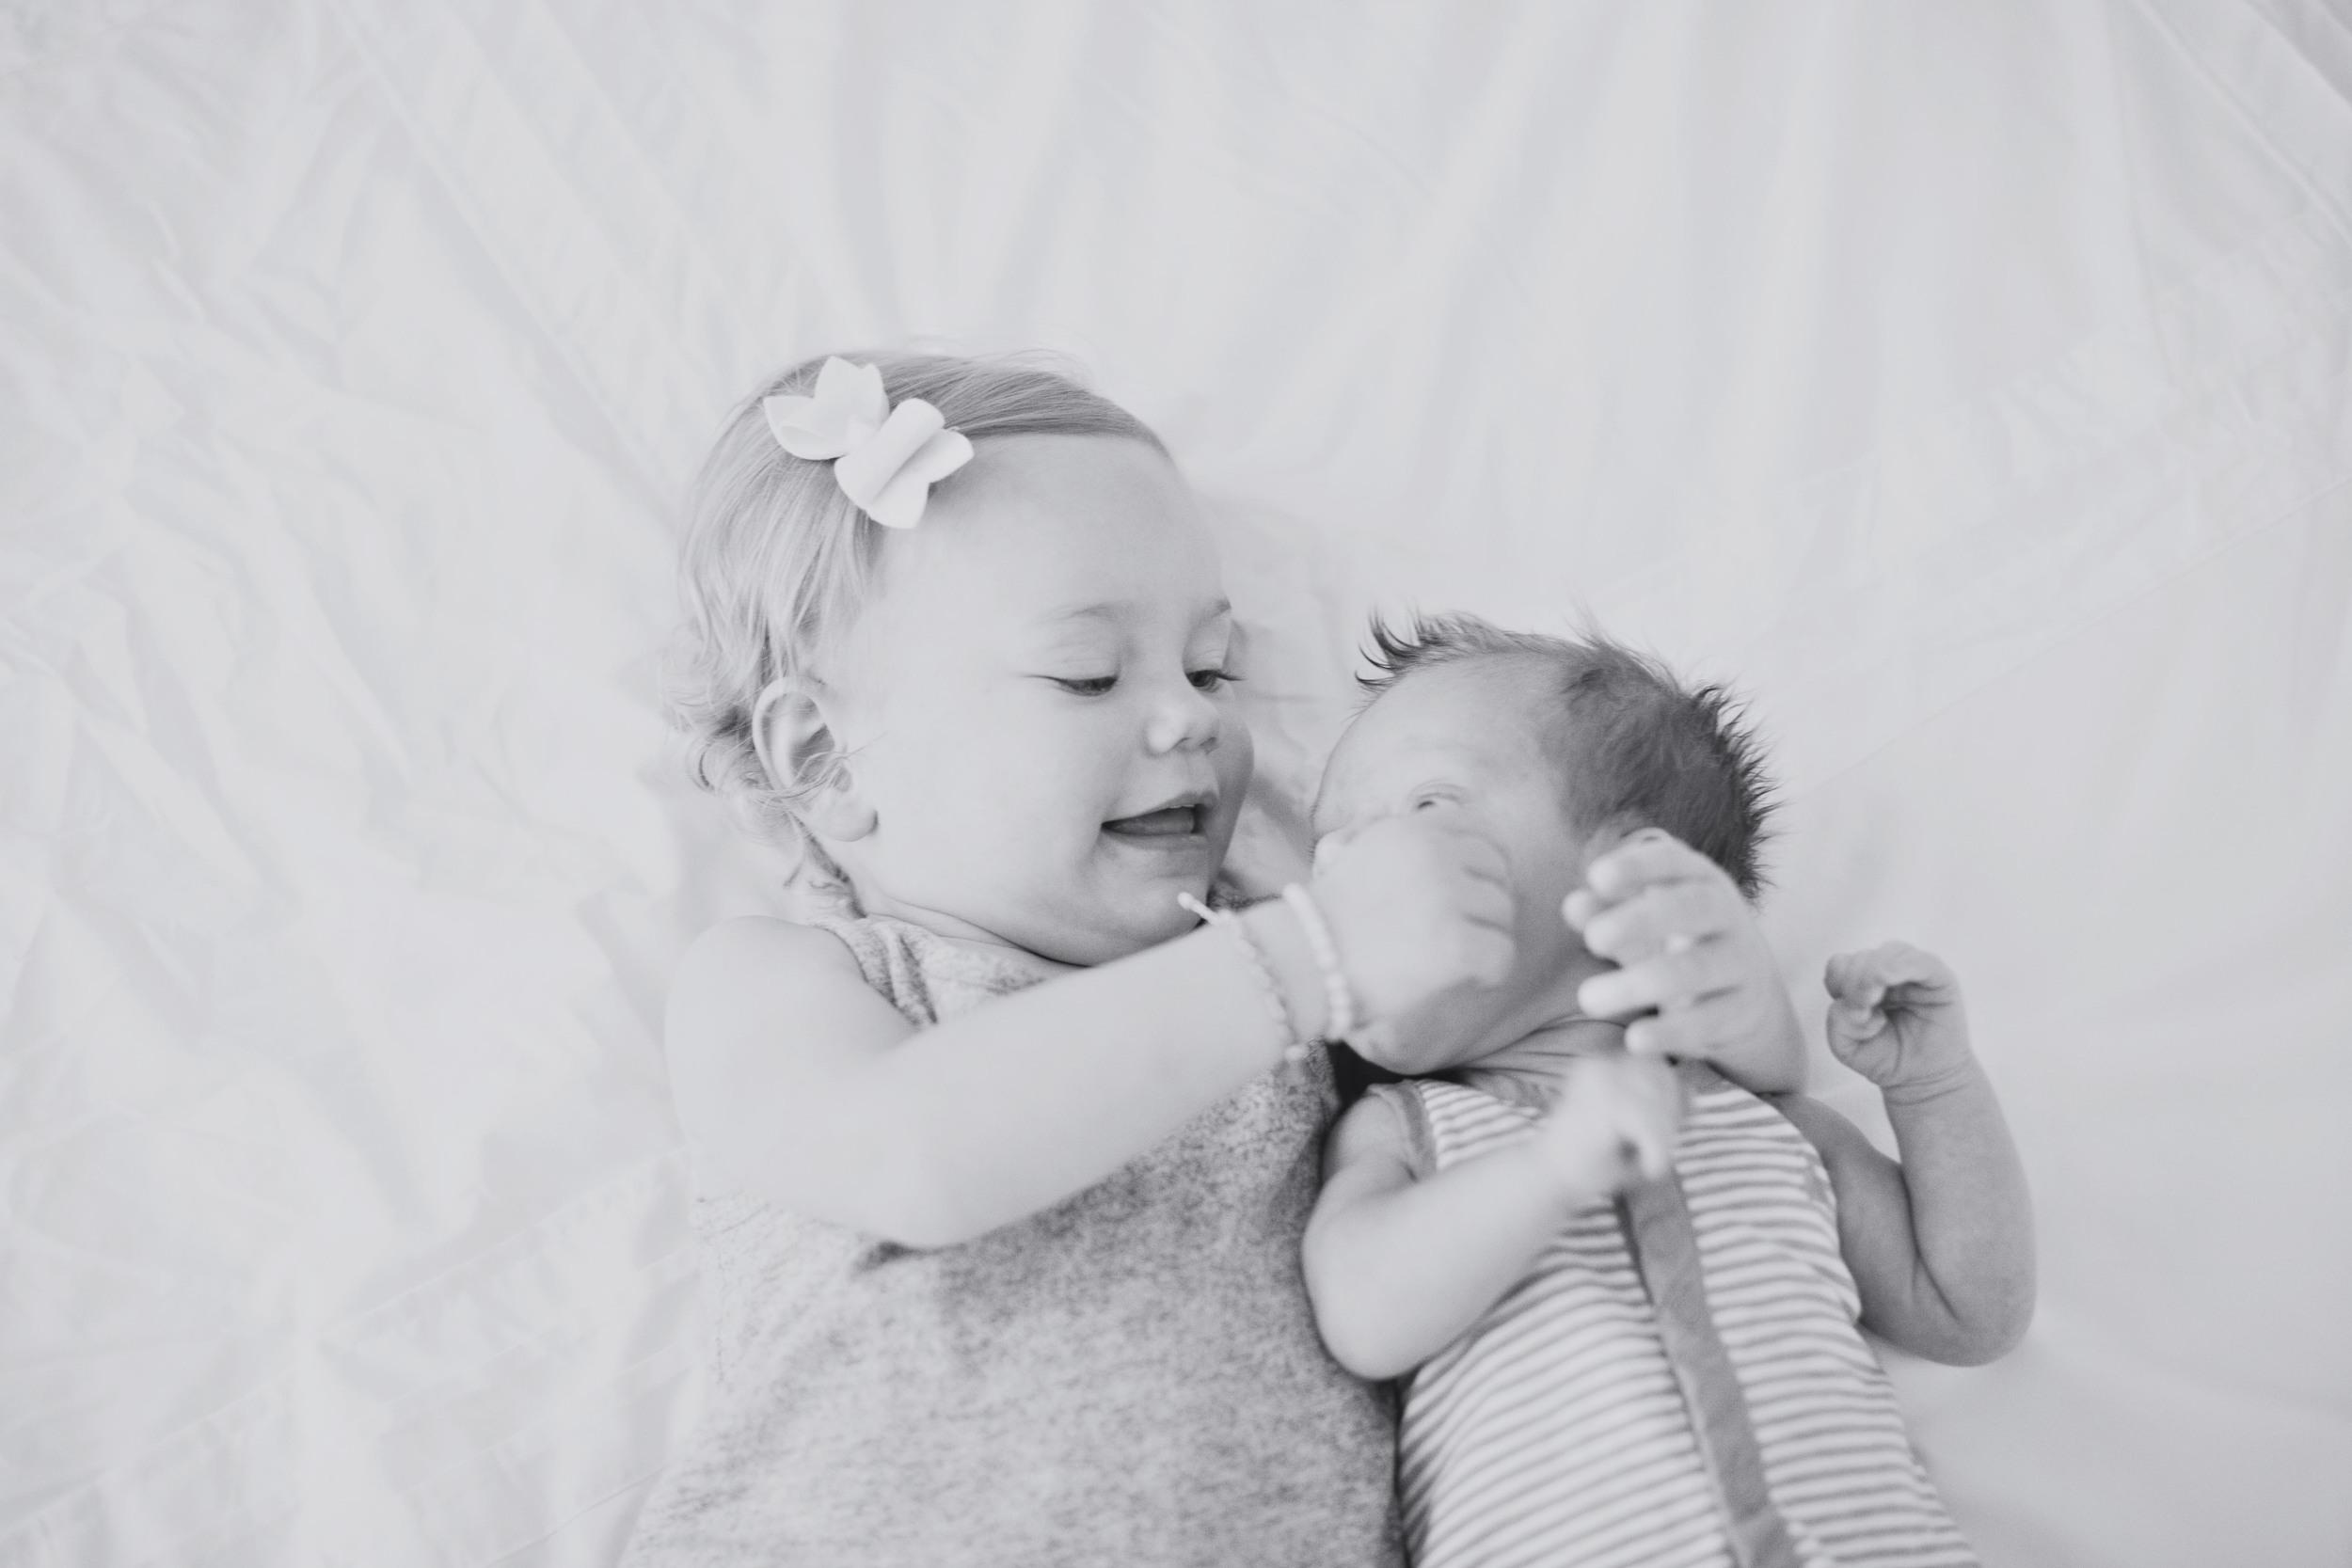 baby rush + bea_150626_0173blog.jpg